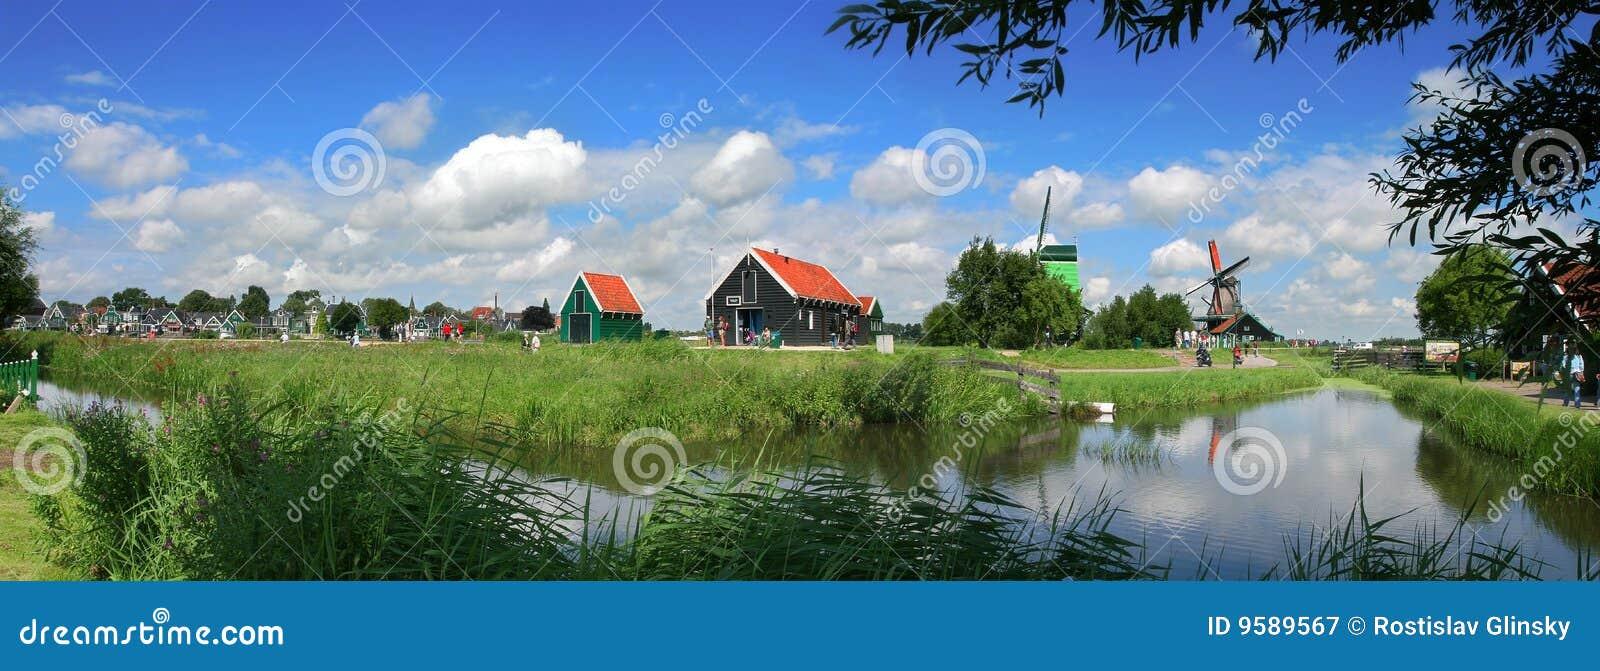 голландское село